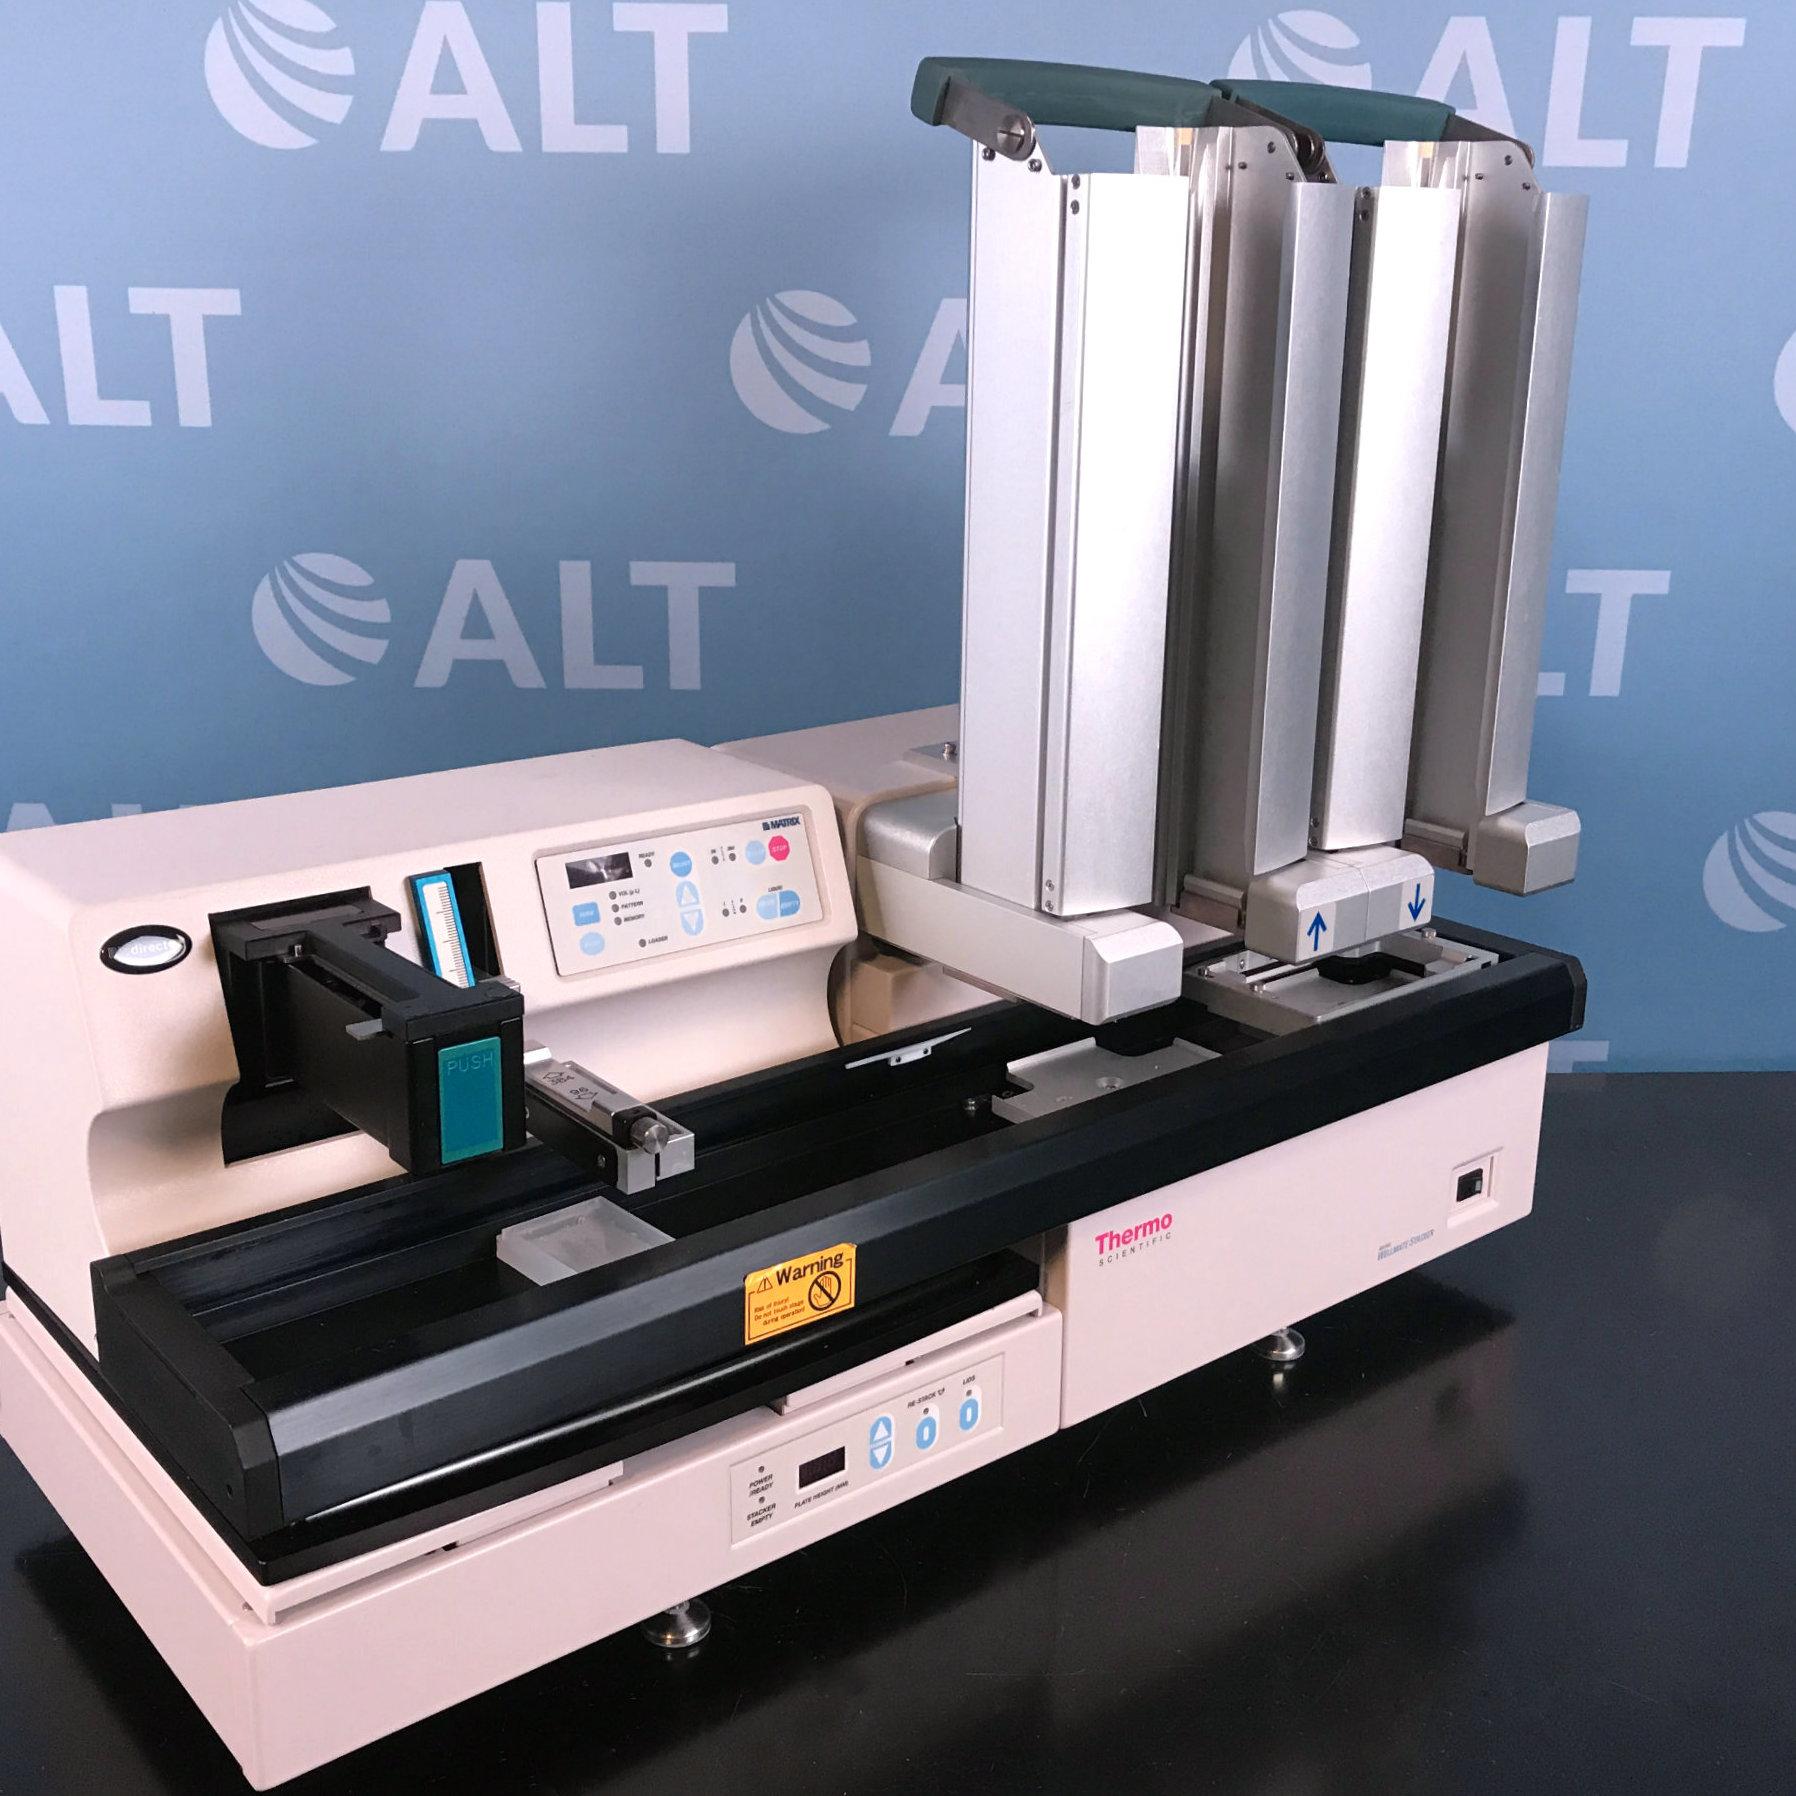 Thermo Scientific Matrix Wellmate Microplate Dispenser With Matrix Wellmate Stacker Image